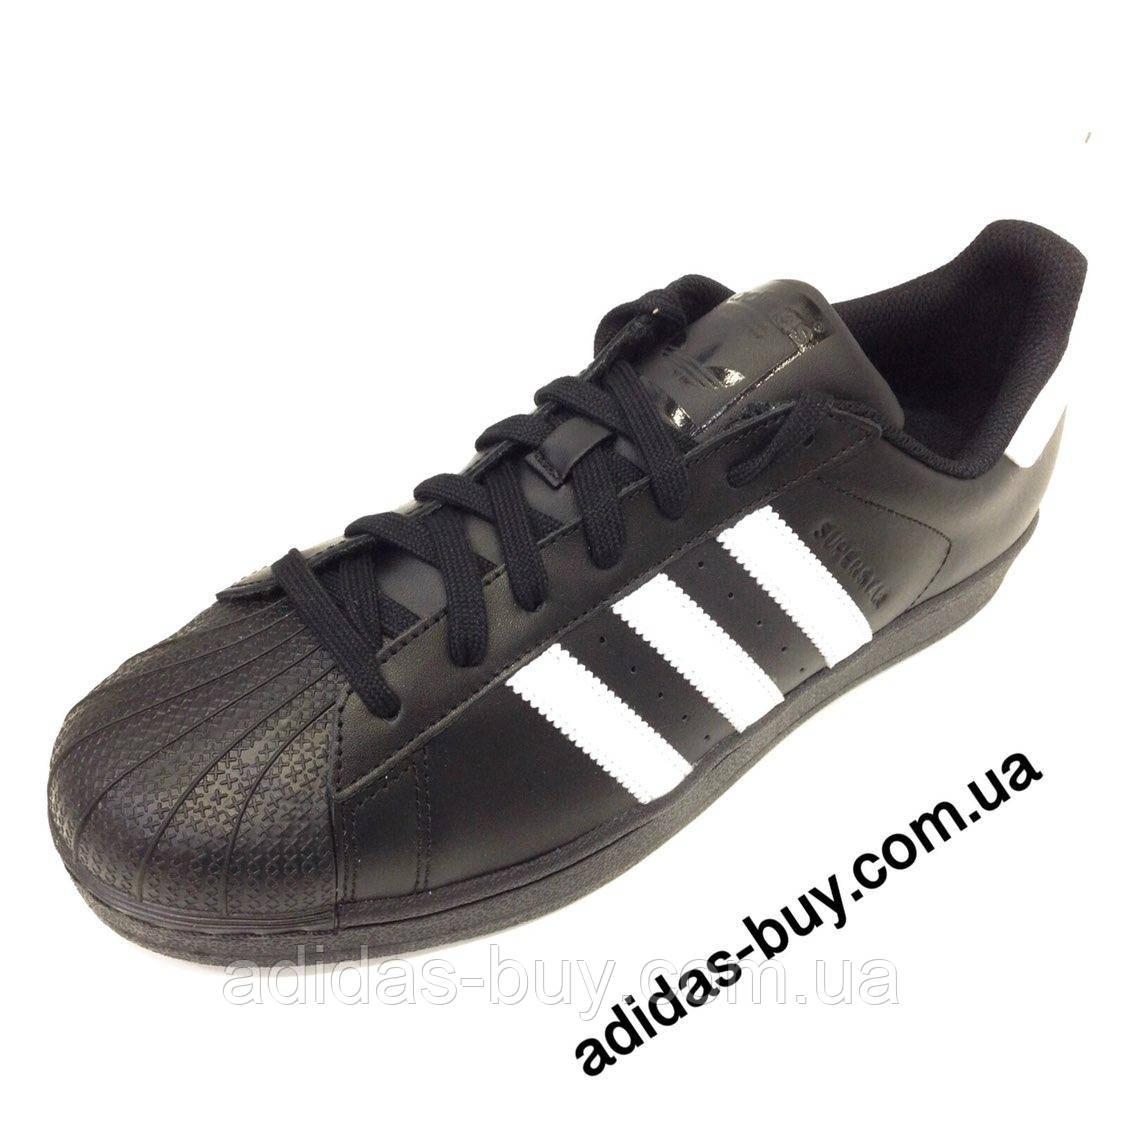 Мужские осенние кожаные кроссовки adidas SUPERSTAR FOUNDATION B27140 оригинальные